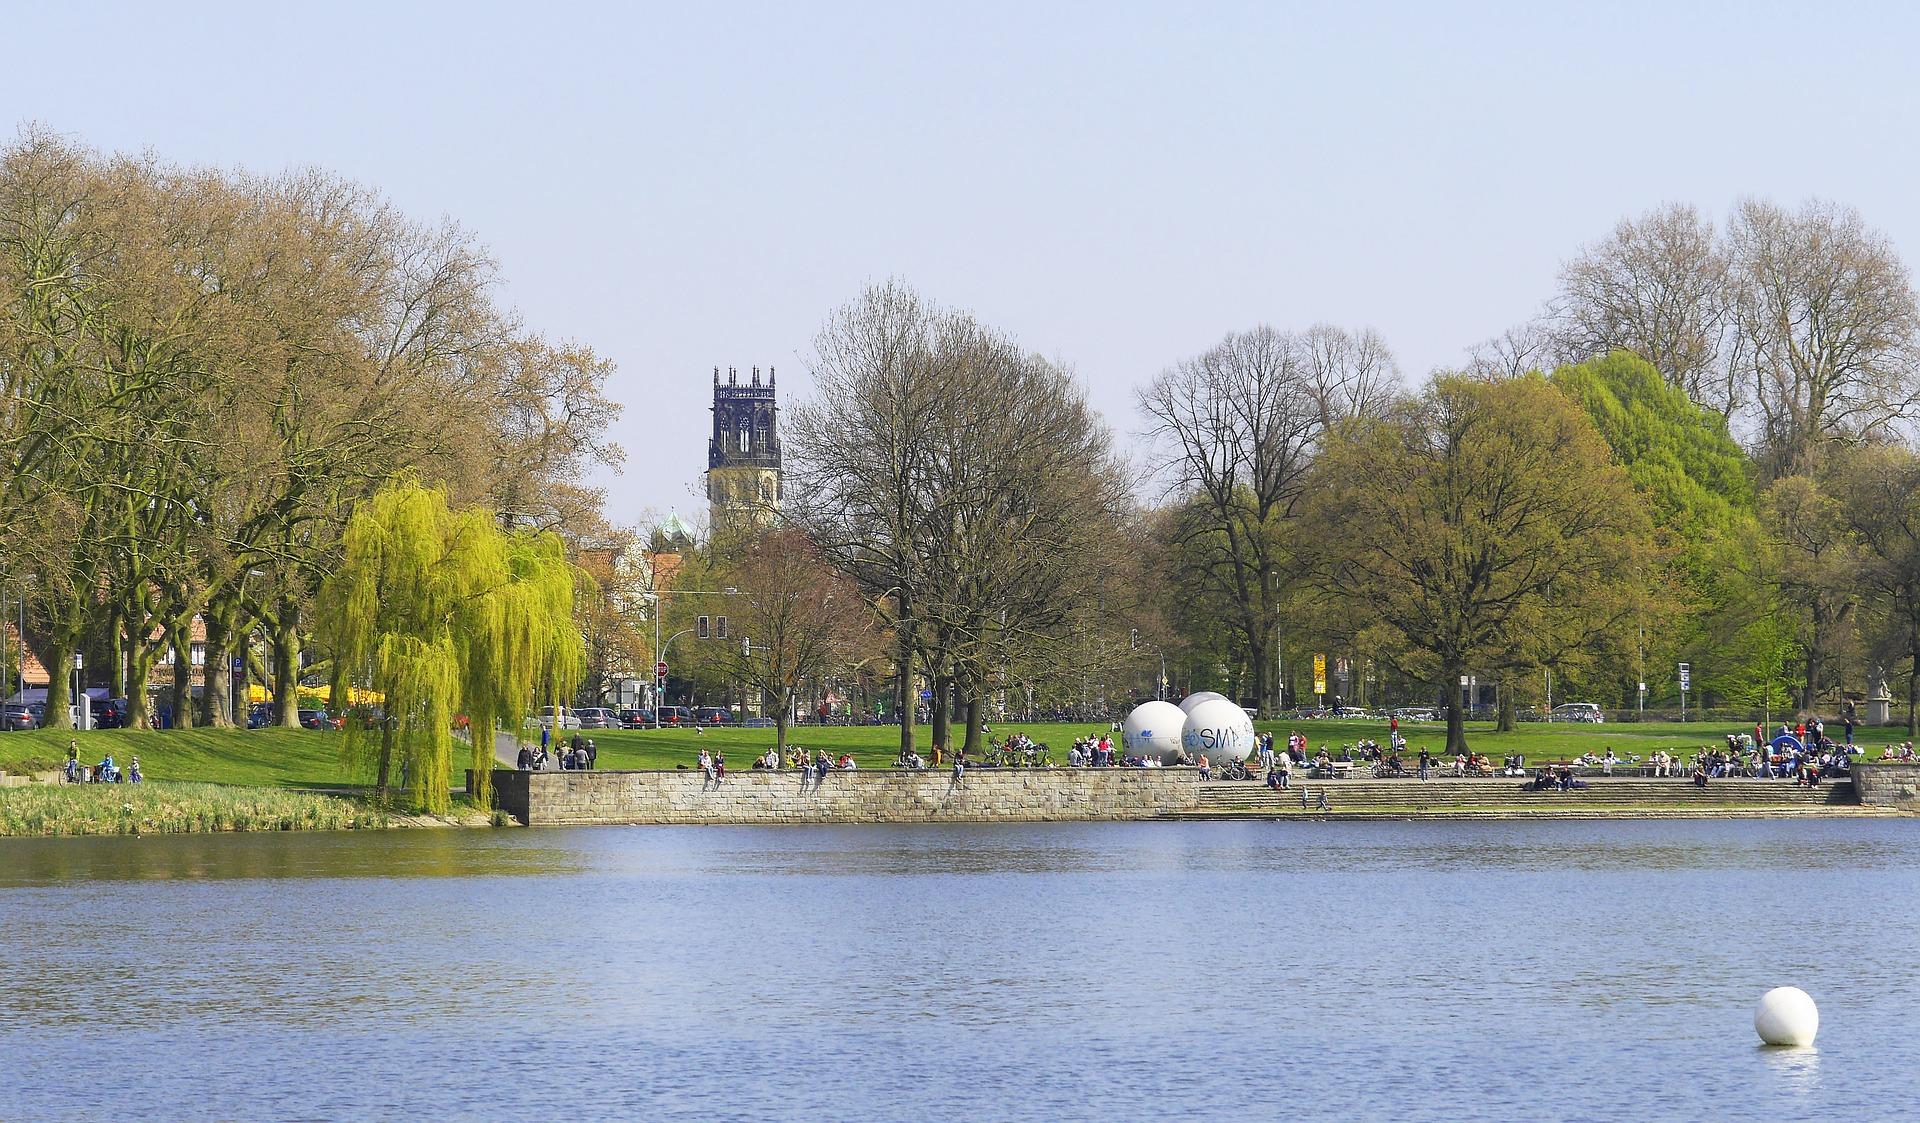 Der Aasee in Münster vorallem im Sommer kann man hier perfekt chilln